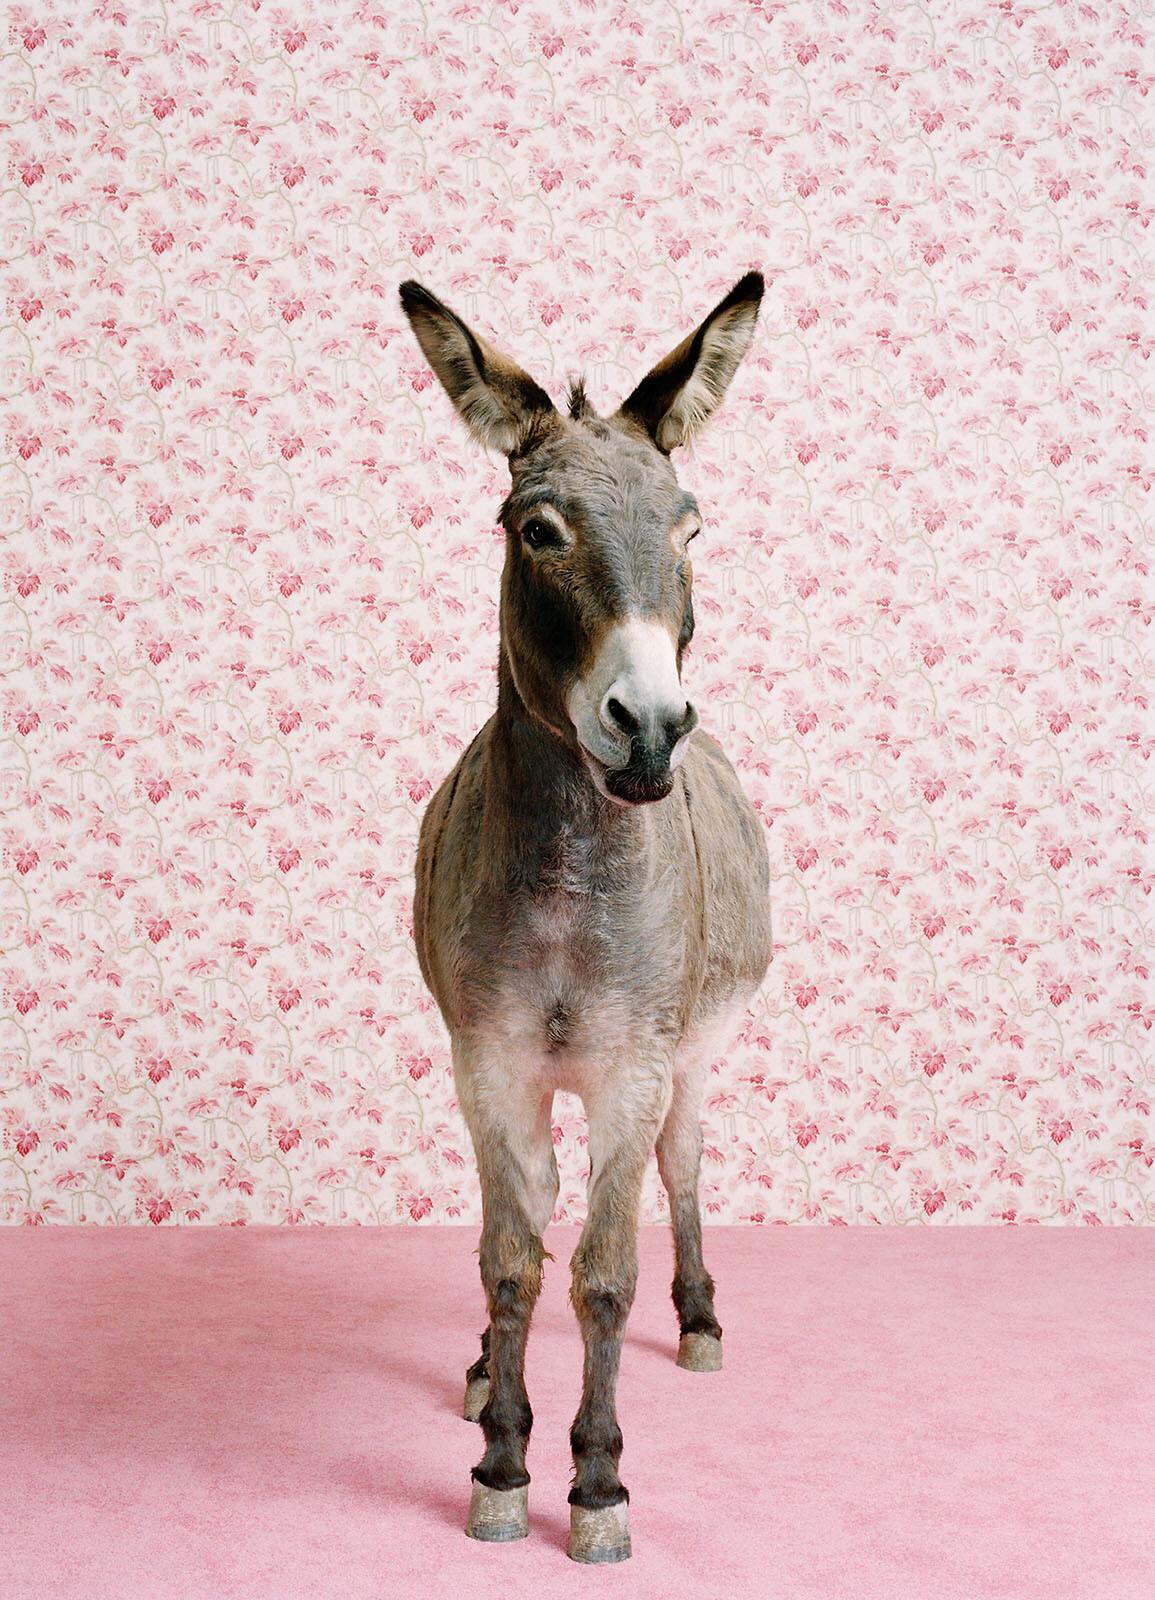 Donkey 2 - Catherine Ledner